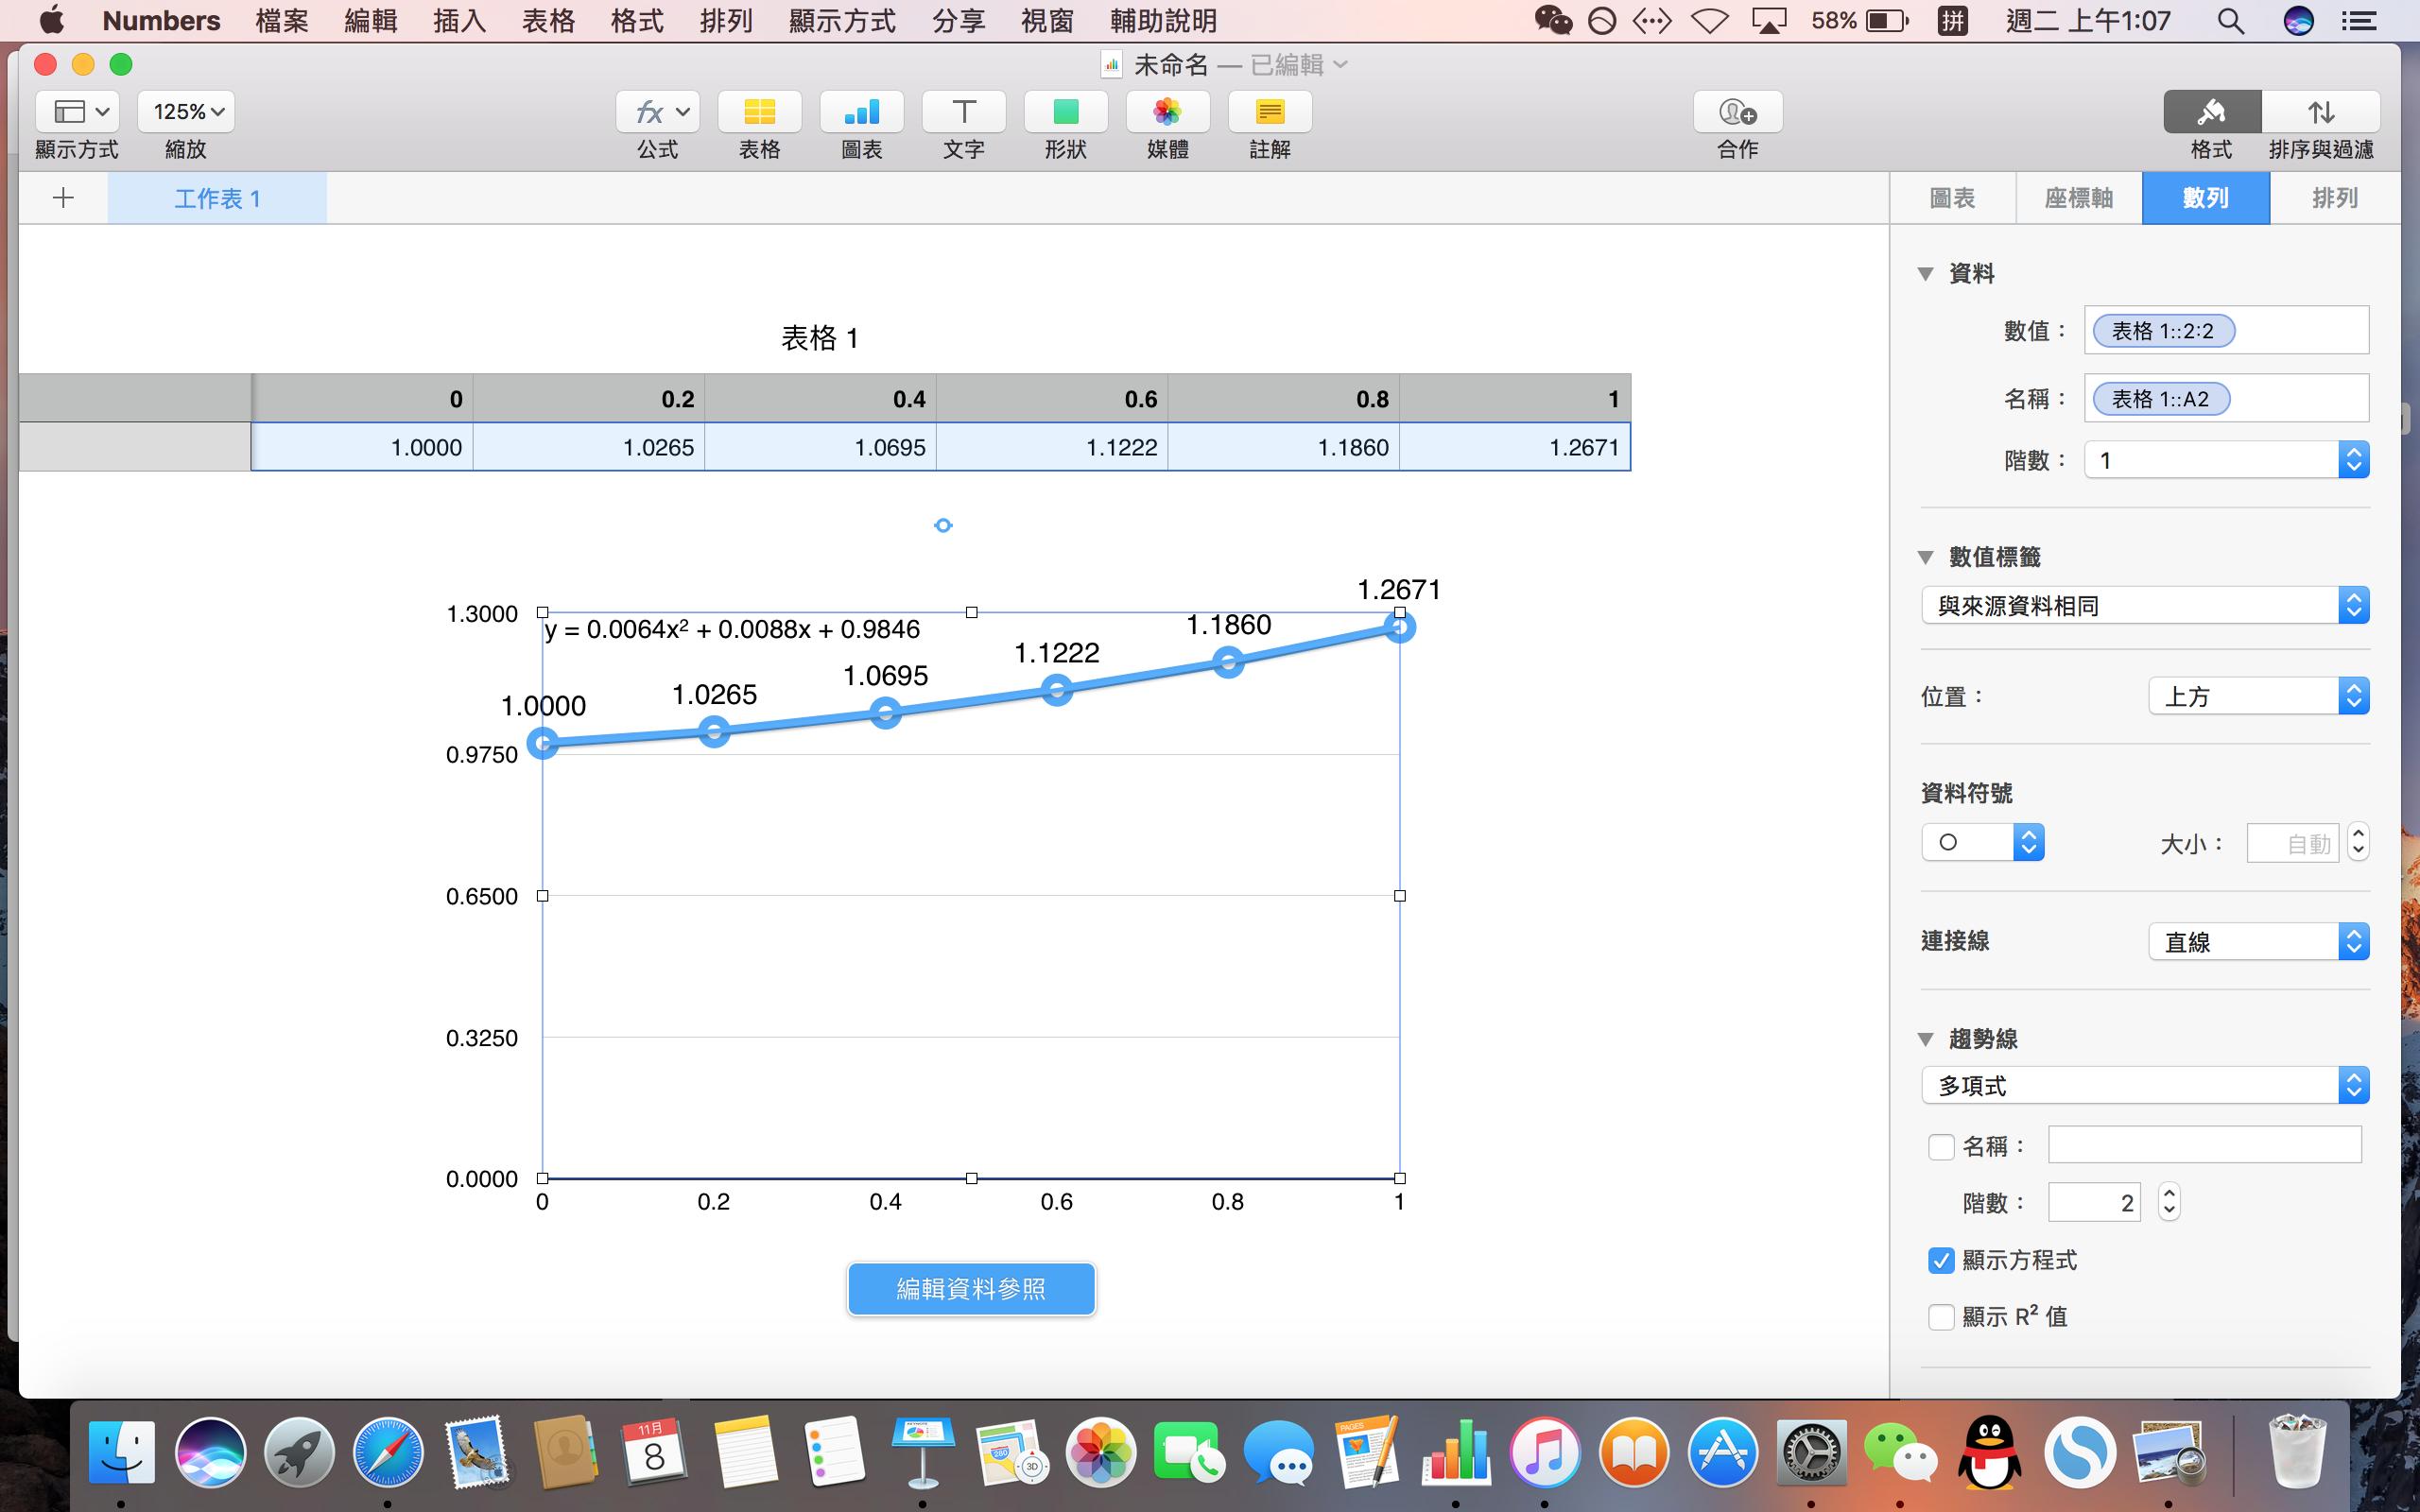 Numbers趋势线二次项的公式不知道为什么不对 Apple 社区